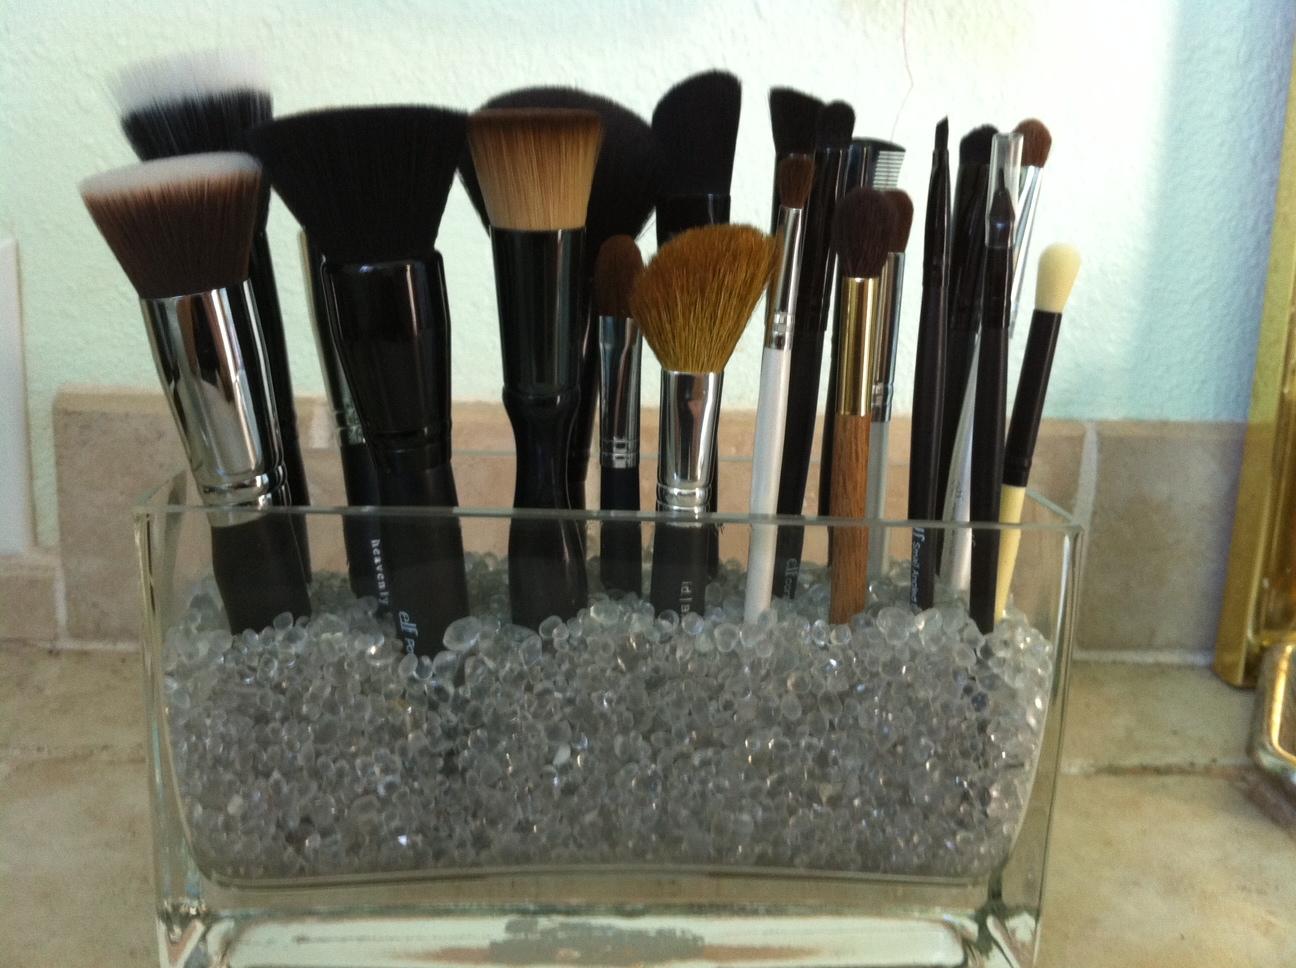 DENISE JOYCE: DIY Wednesday: Make Your Own Brush Holder!